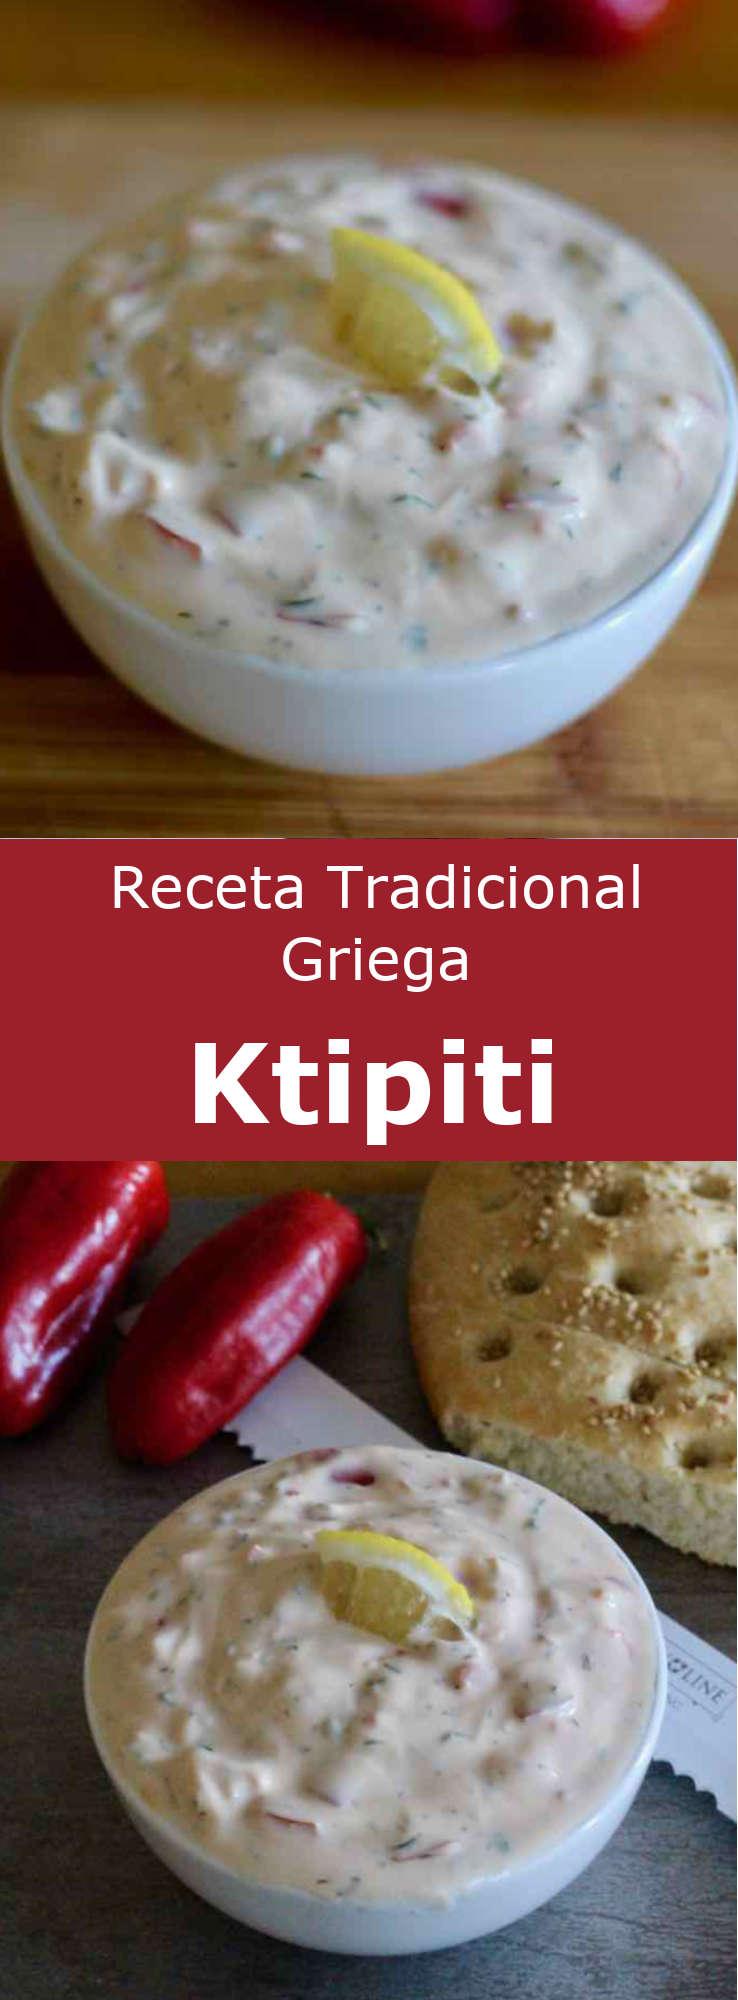 El ktipiti, tirokafteri o kopanisti es un delicioso meze (aperitivo) griego preparado con queso feta y pimientos rojos asados.